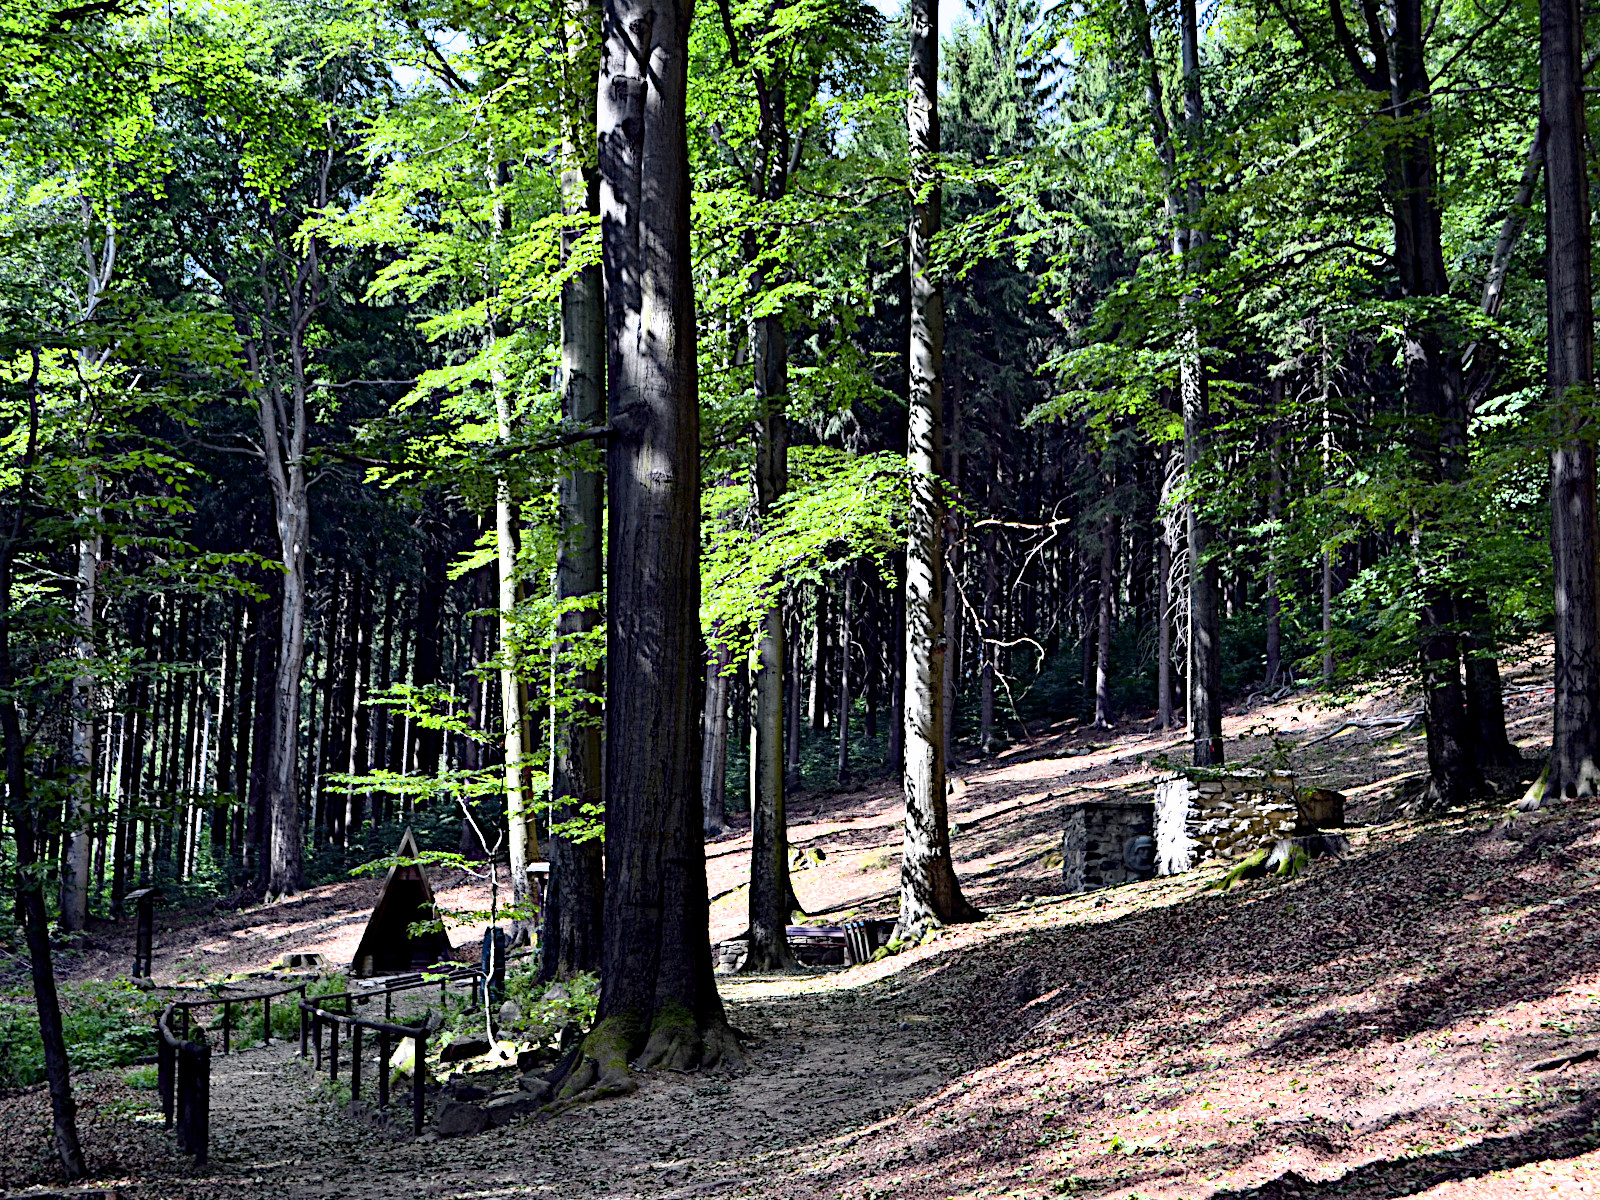 Lauter Bäumen